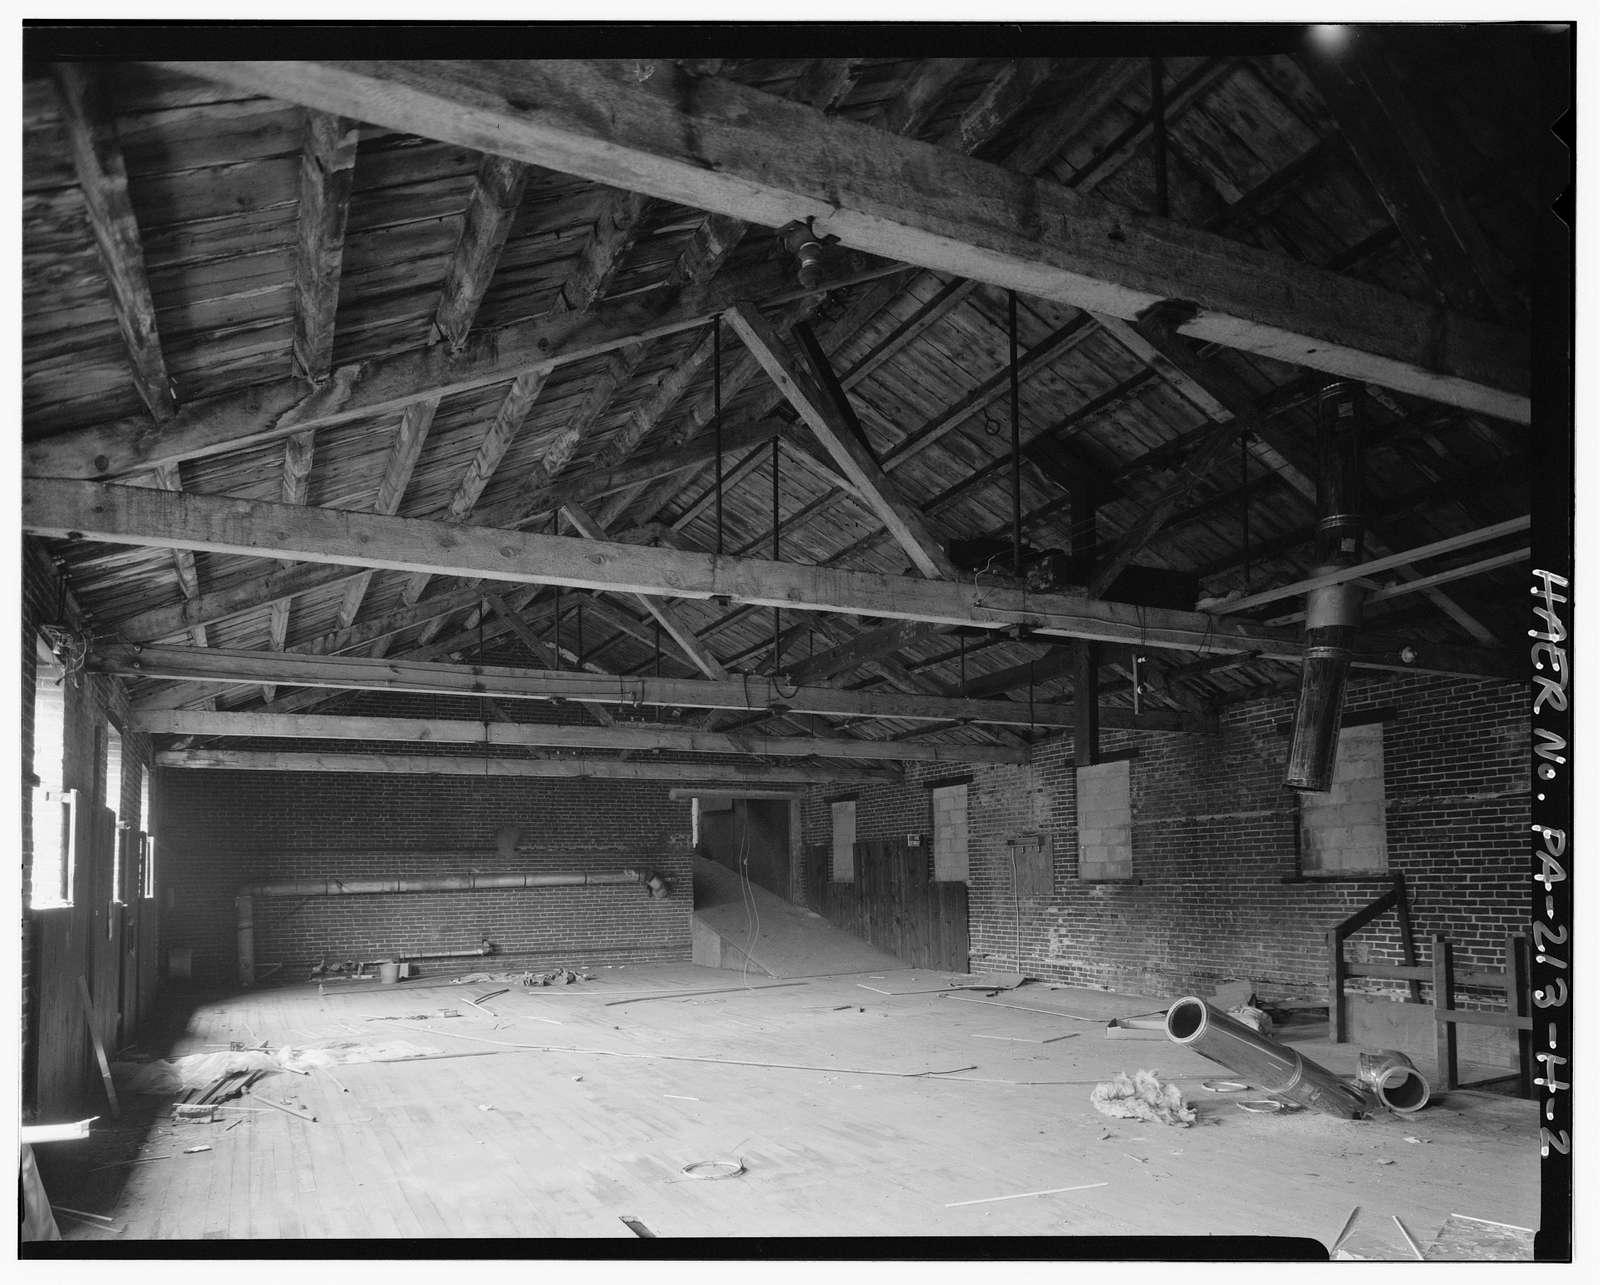 Daniel F. Waters Germantown Dye Works, Building H, 37-55 East Wister Street, Philadelphia, Philadelphia County, PA